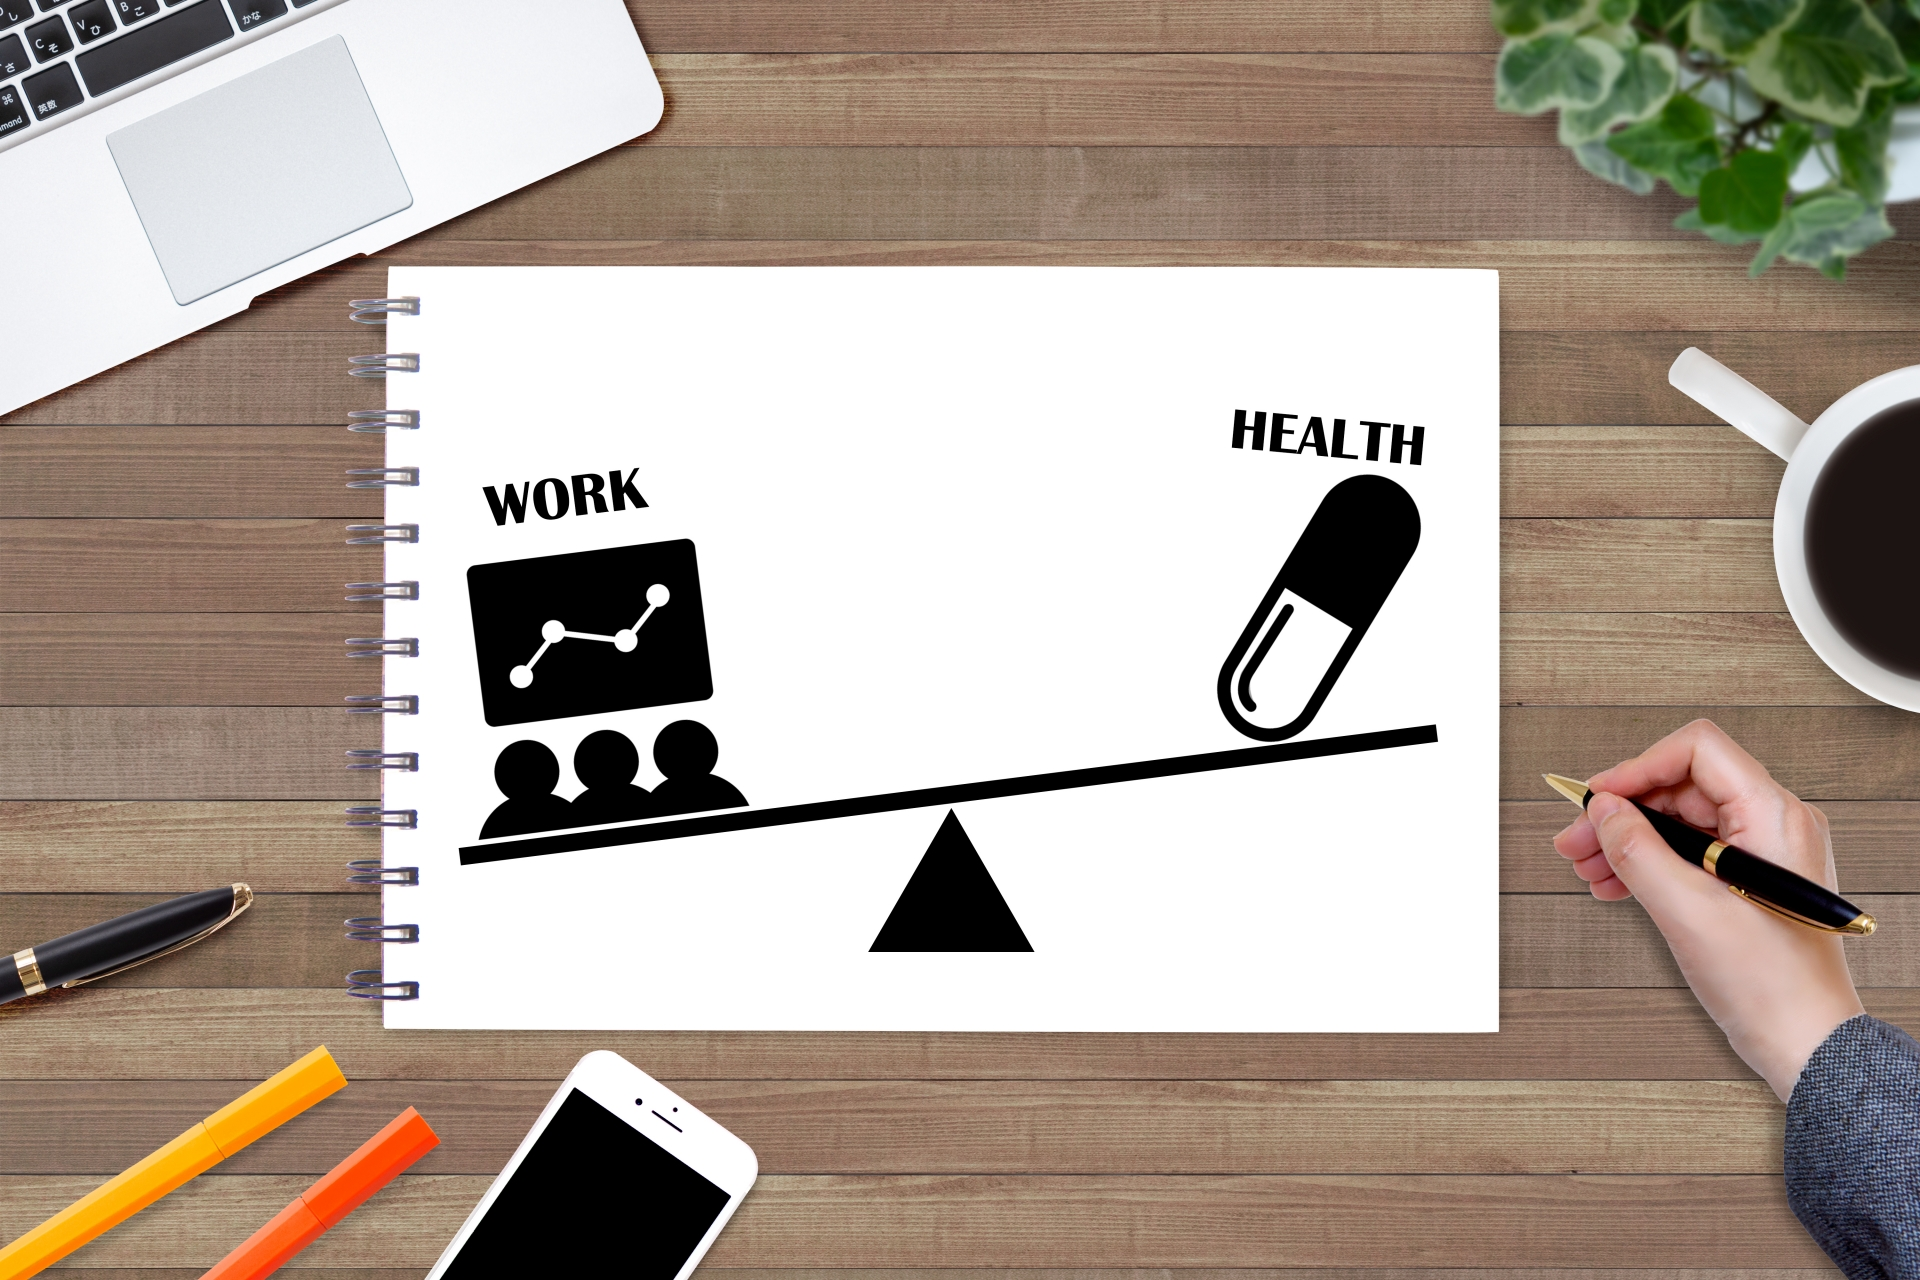 【離職率低下】健康経営のすすめ・人生100年時代の人材育成【医療コスト削減】